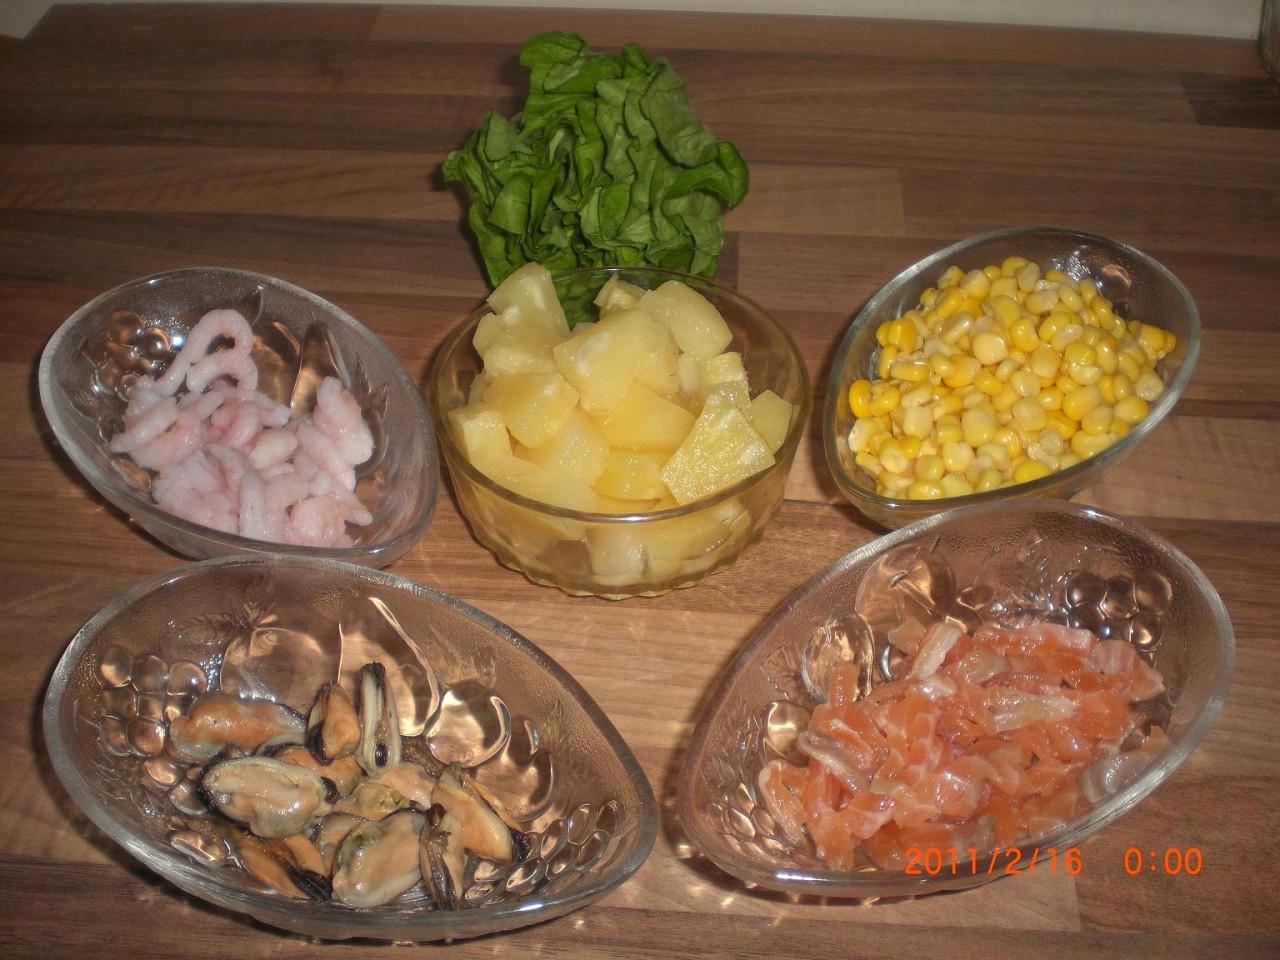 Лечебный салат для мужчин из мидий, рыбы, креветок, ананасов  и кукурузы под соусом Мари Роз. Фото-рецепт. Ramzia RA